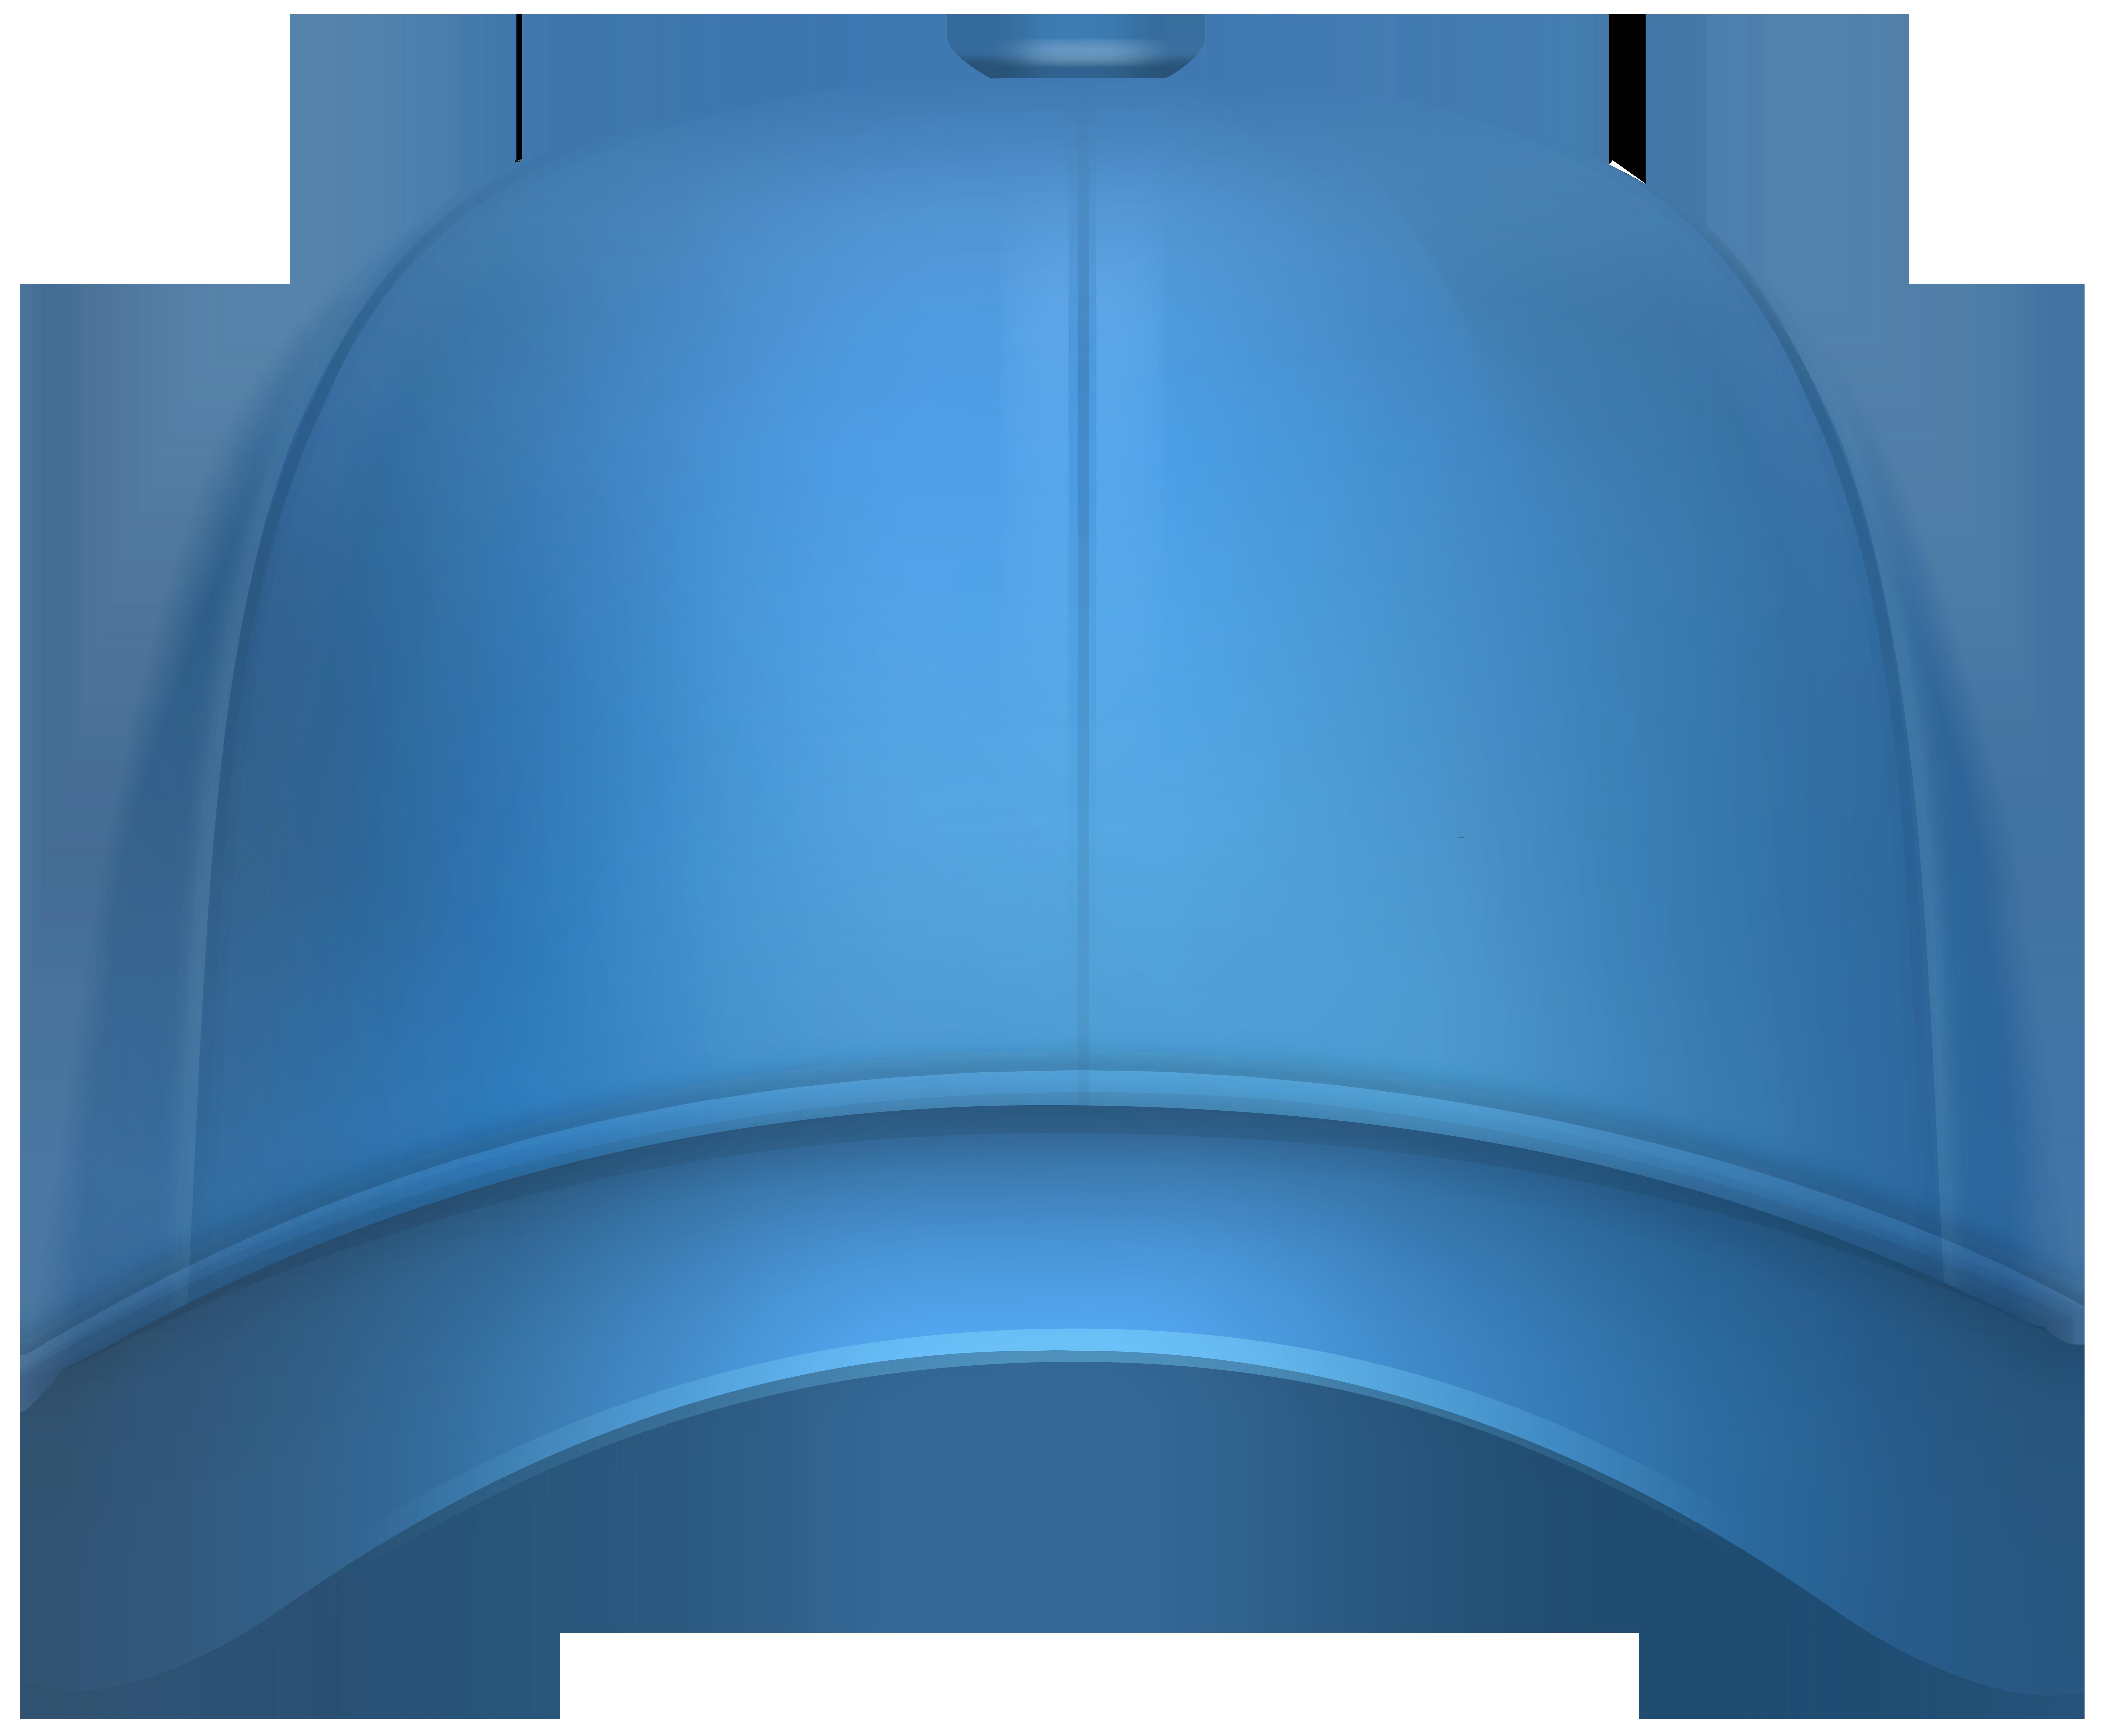 Clipart hearts baseball. Cap blue png clip